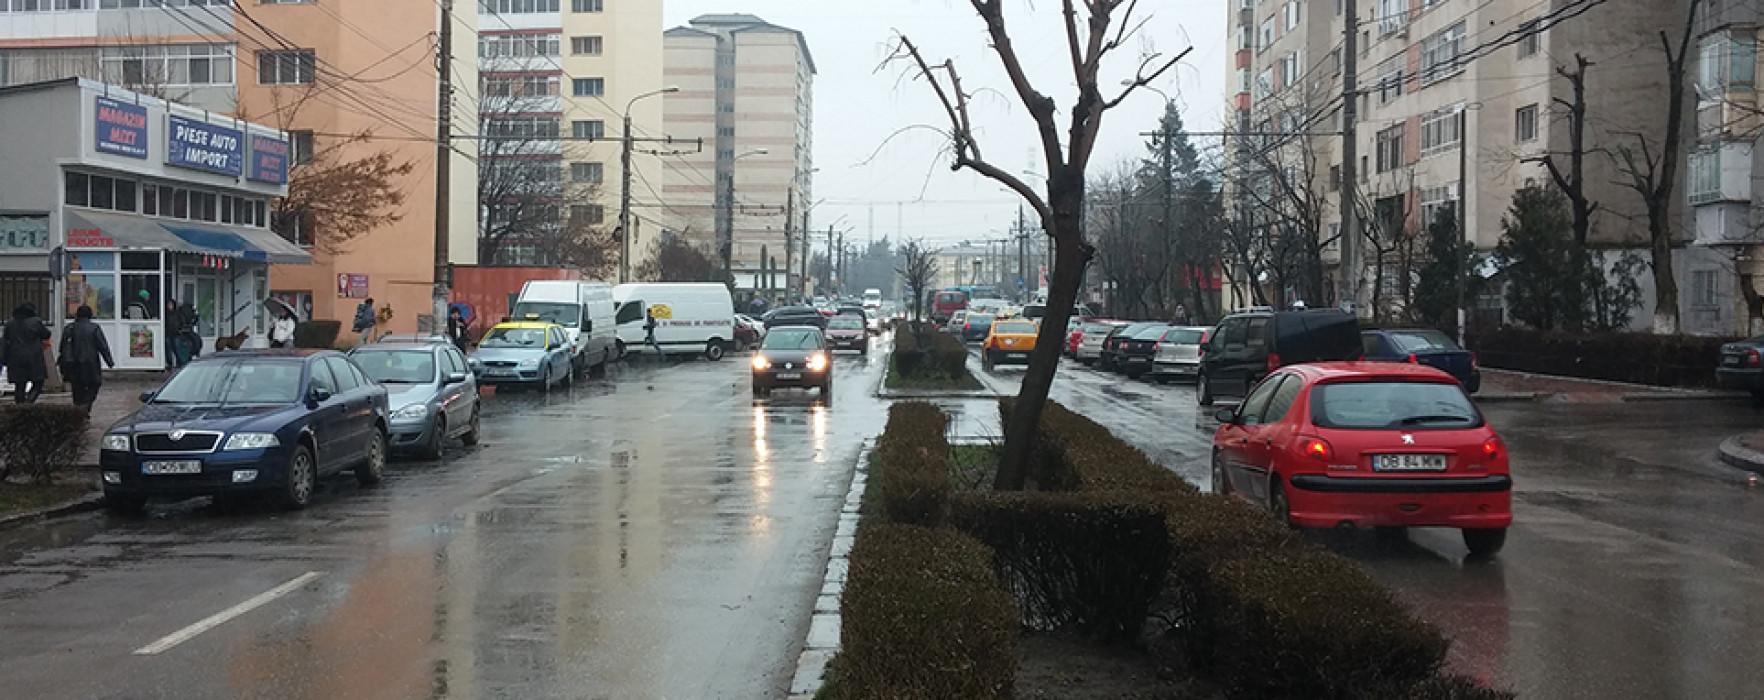 Patru benzi de circulaţie pe mai multe drumuri din Târgovişte (video)